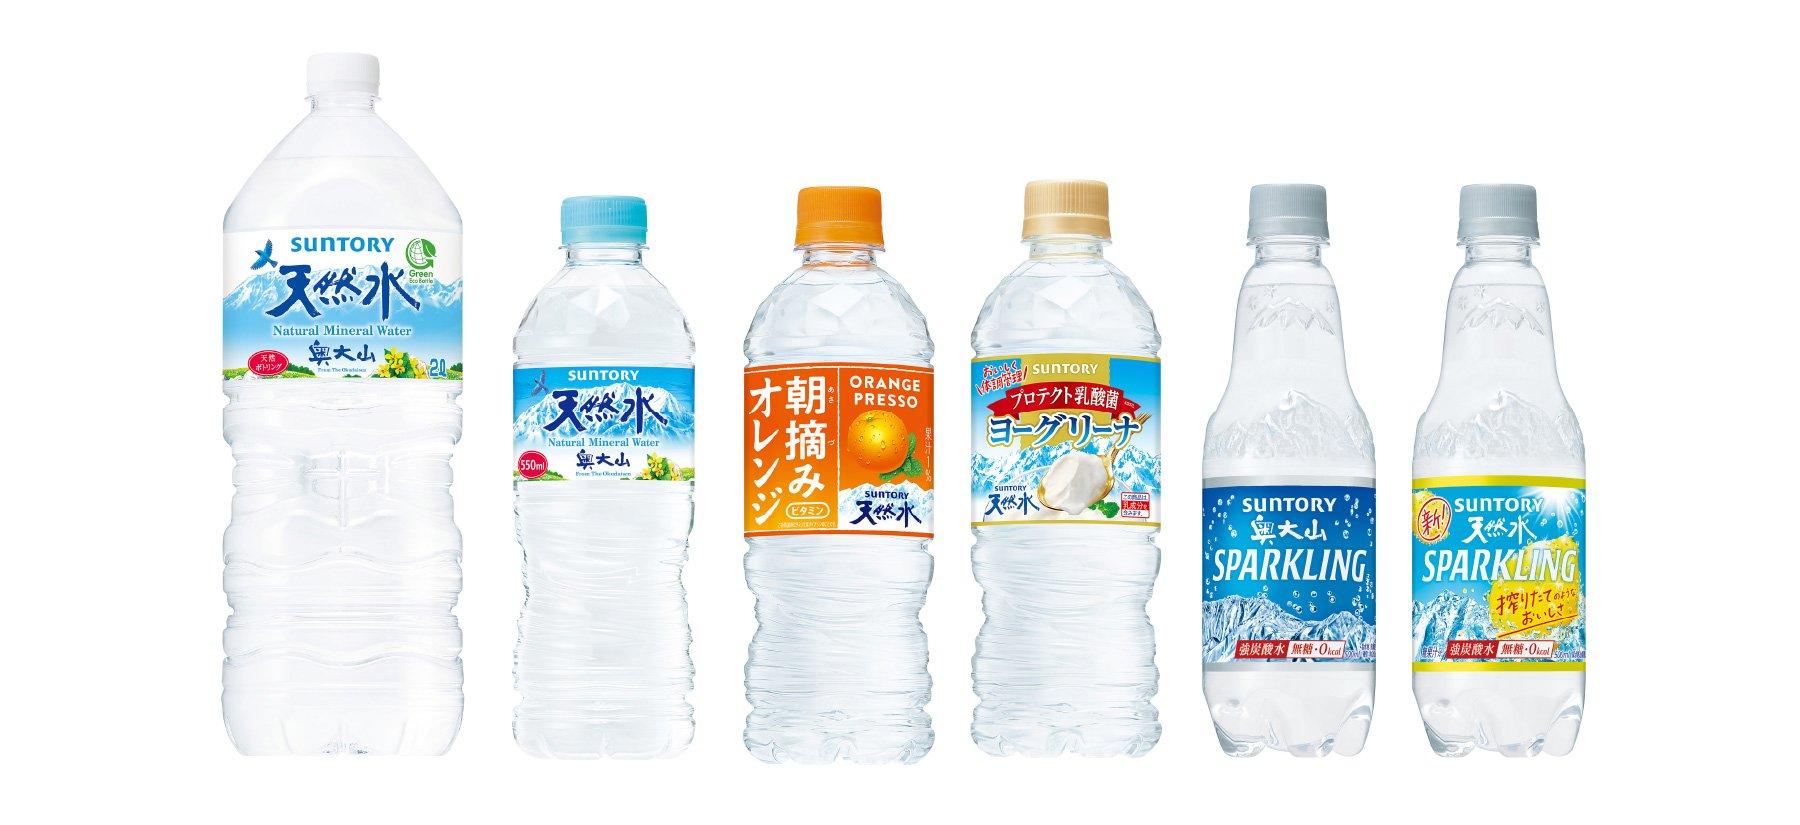 Photo: Key products bottled at the Suntory Okudaisen Bunanomori Water Plant.